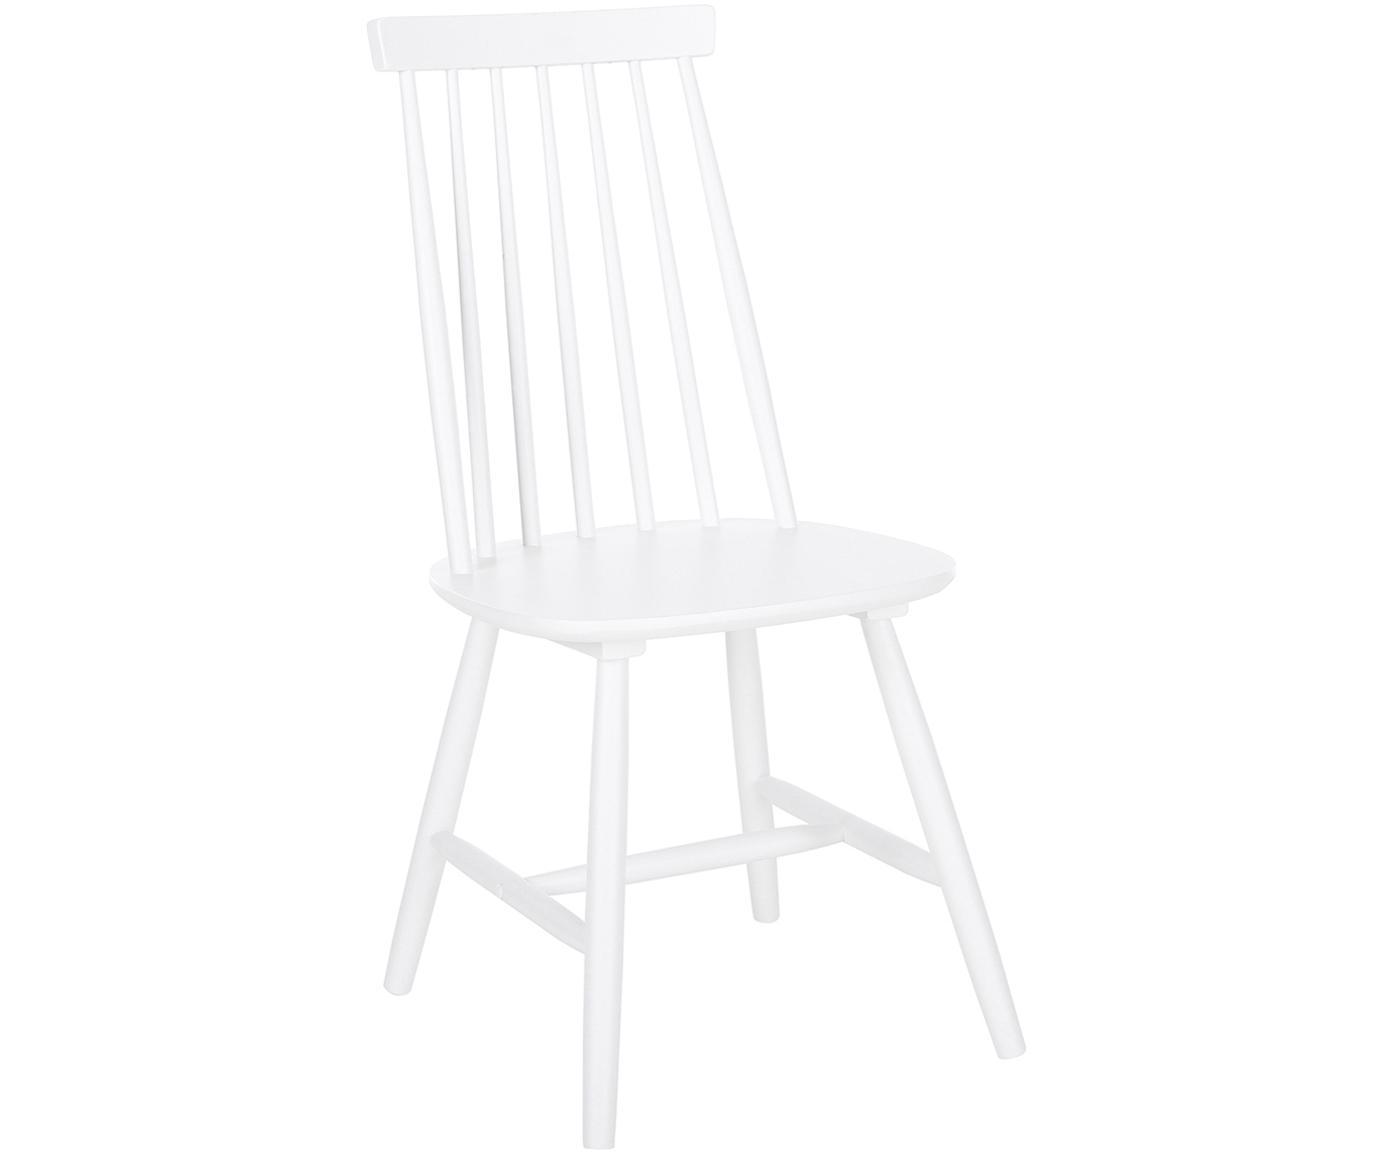 Holzstühle Milas, 2 Stück, Kautschuckholz, lackiert, Weiß, 52 x 93 cm